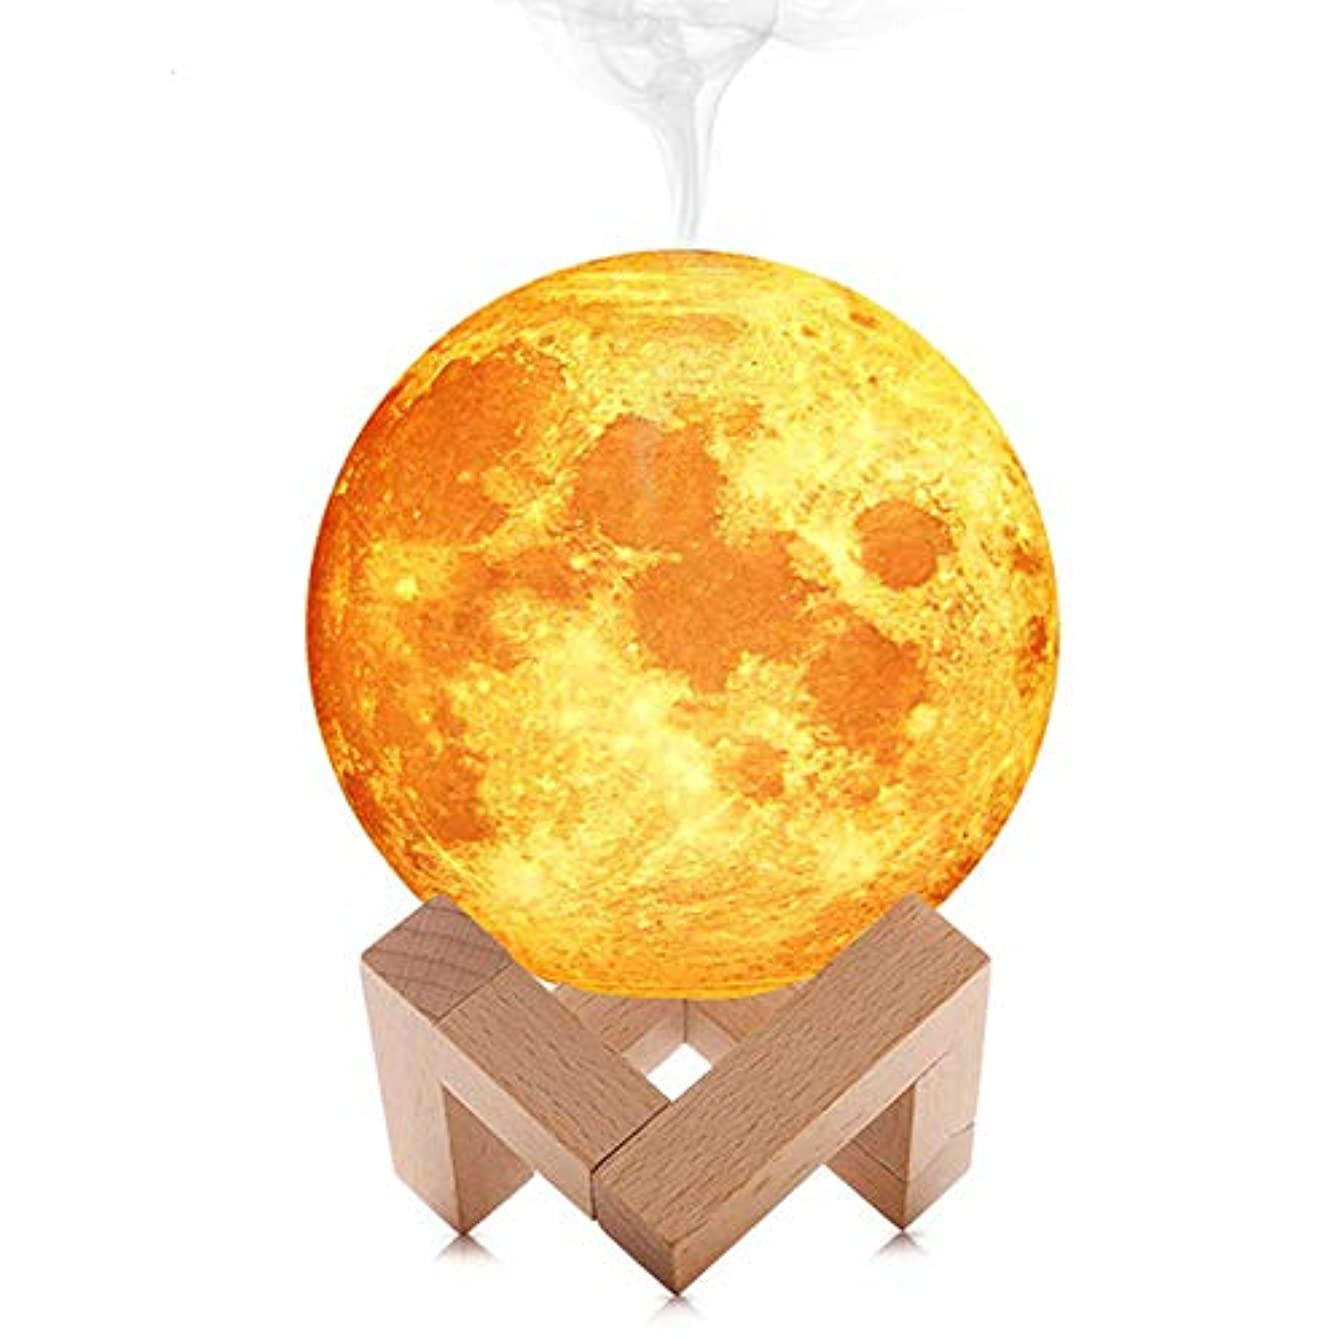 音楽を聴く狂気ワームBarbella Air Humidifier 3D Moon Lamp Light Diffuser Aroma Essential Oil USB Ultrasonic Humidificador Night Cool...